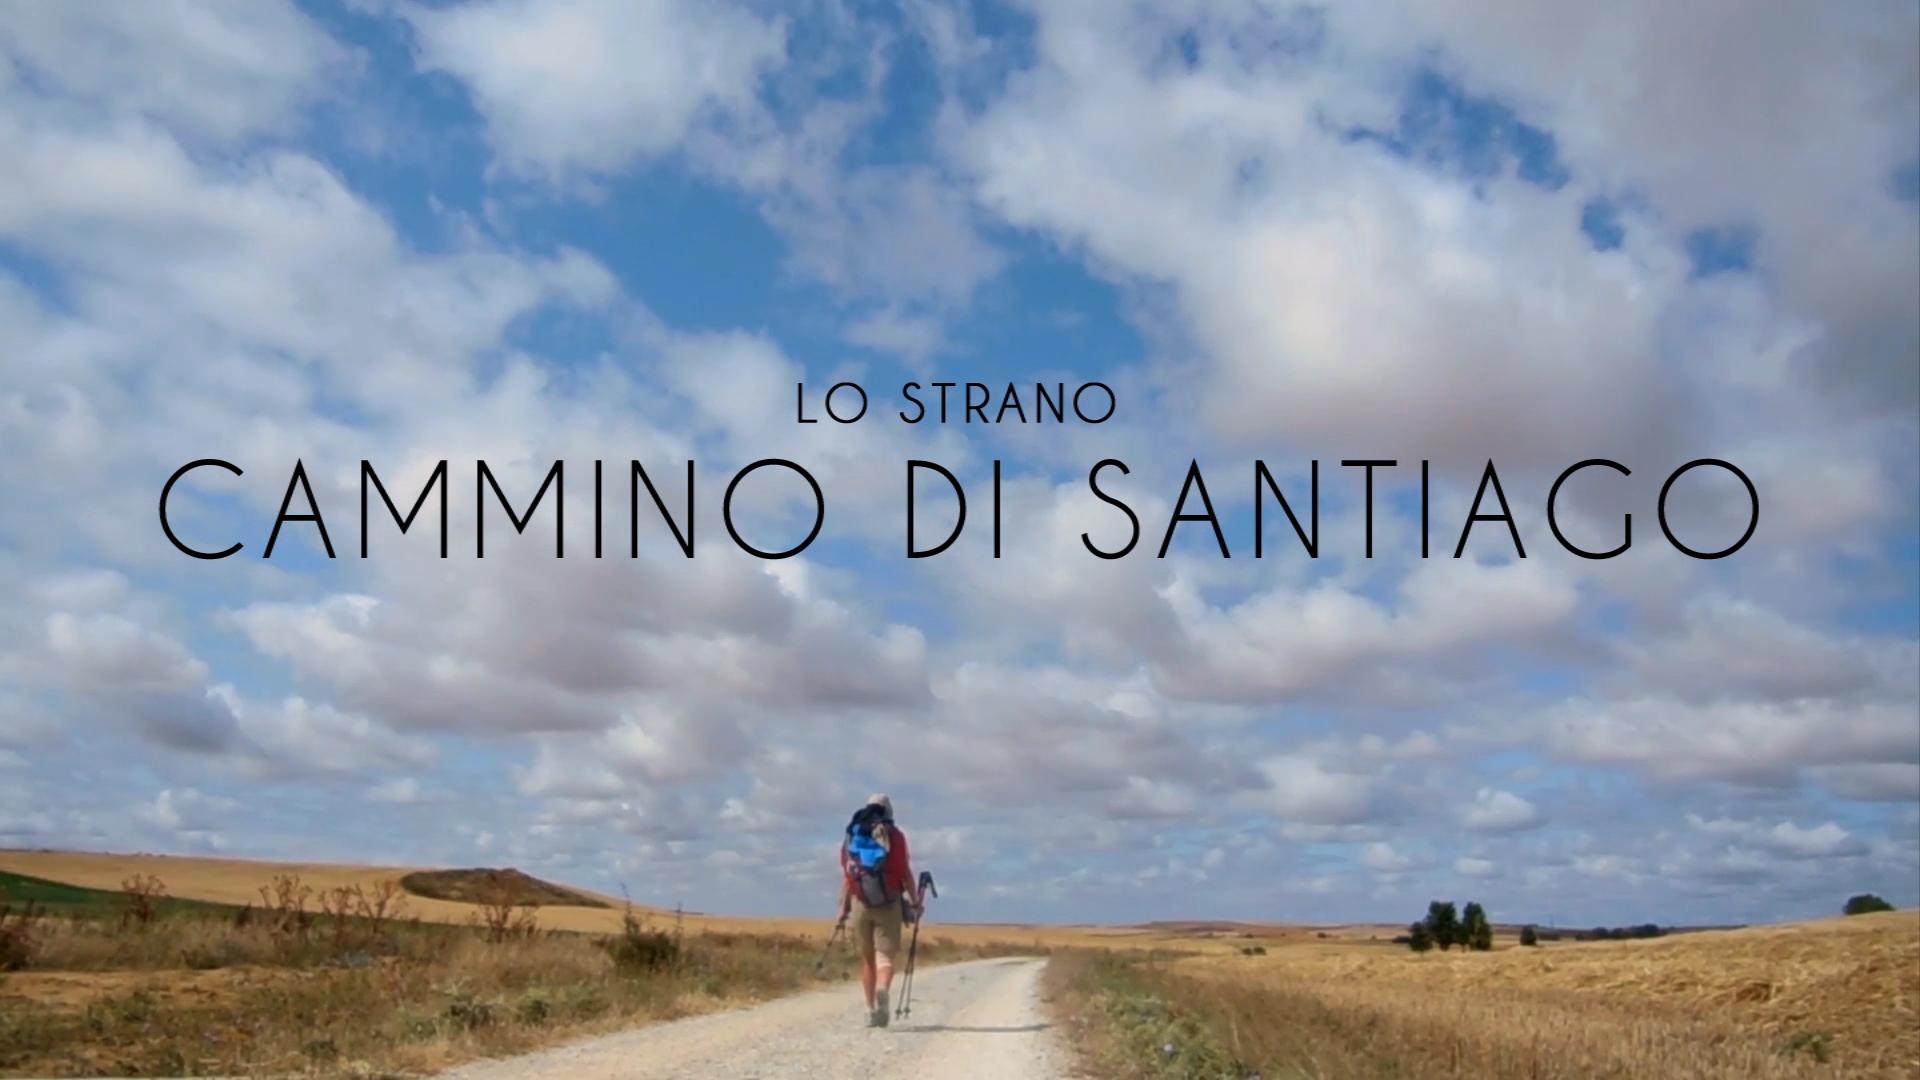 Lo strano  Cammino di Santiago